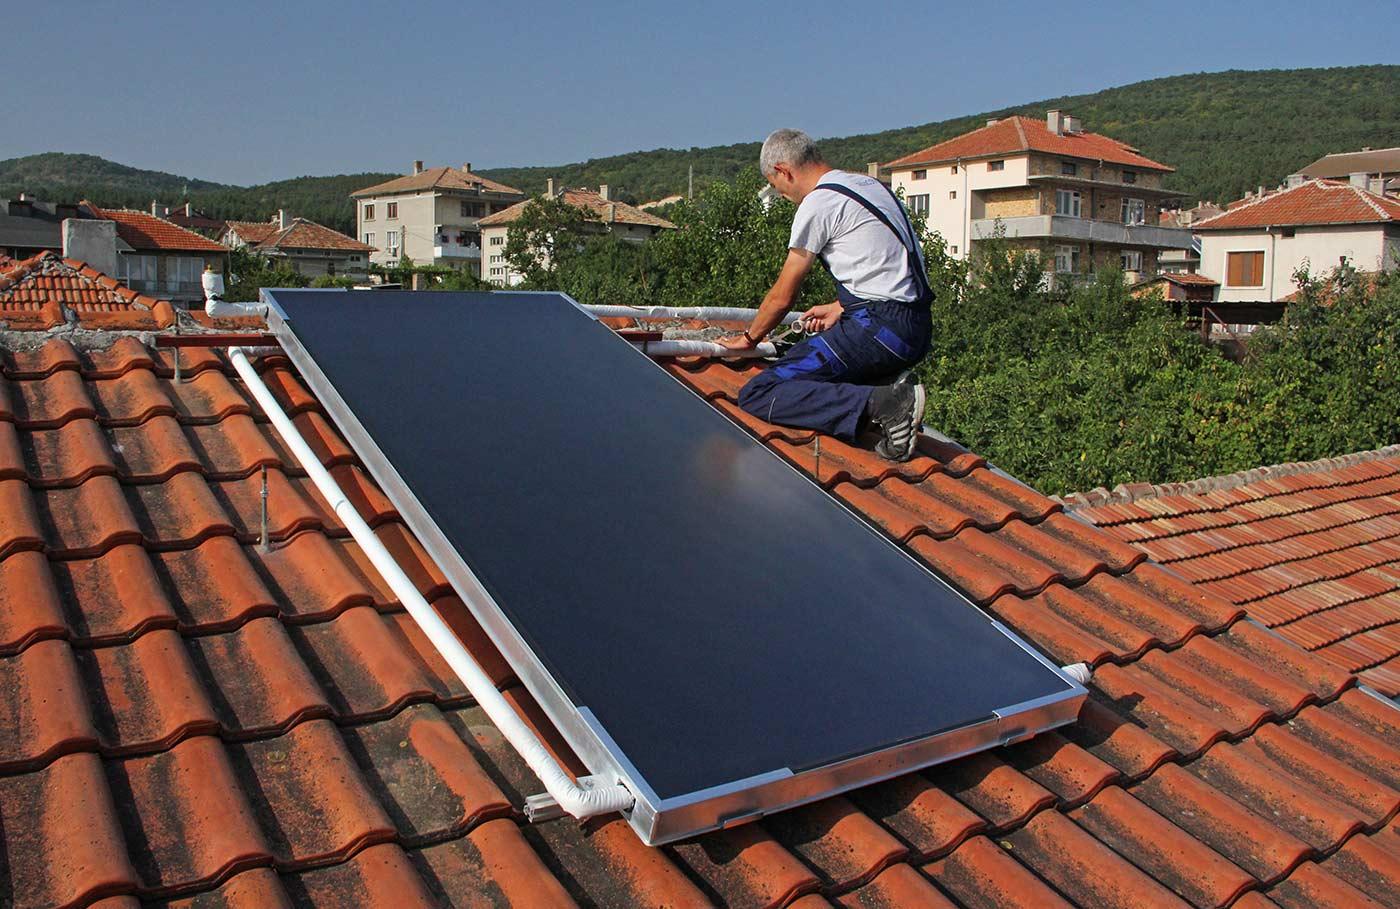 Инсталиране на слънчев колектор VIESSMANN Vitosol FM на покрива на къща